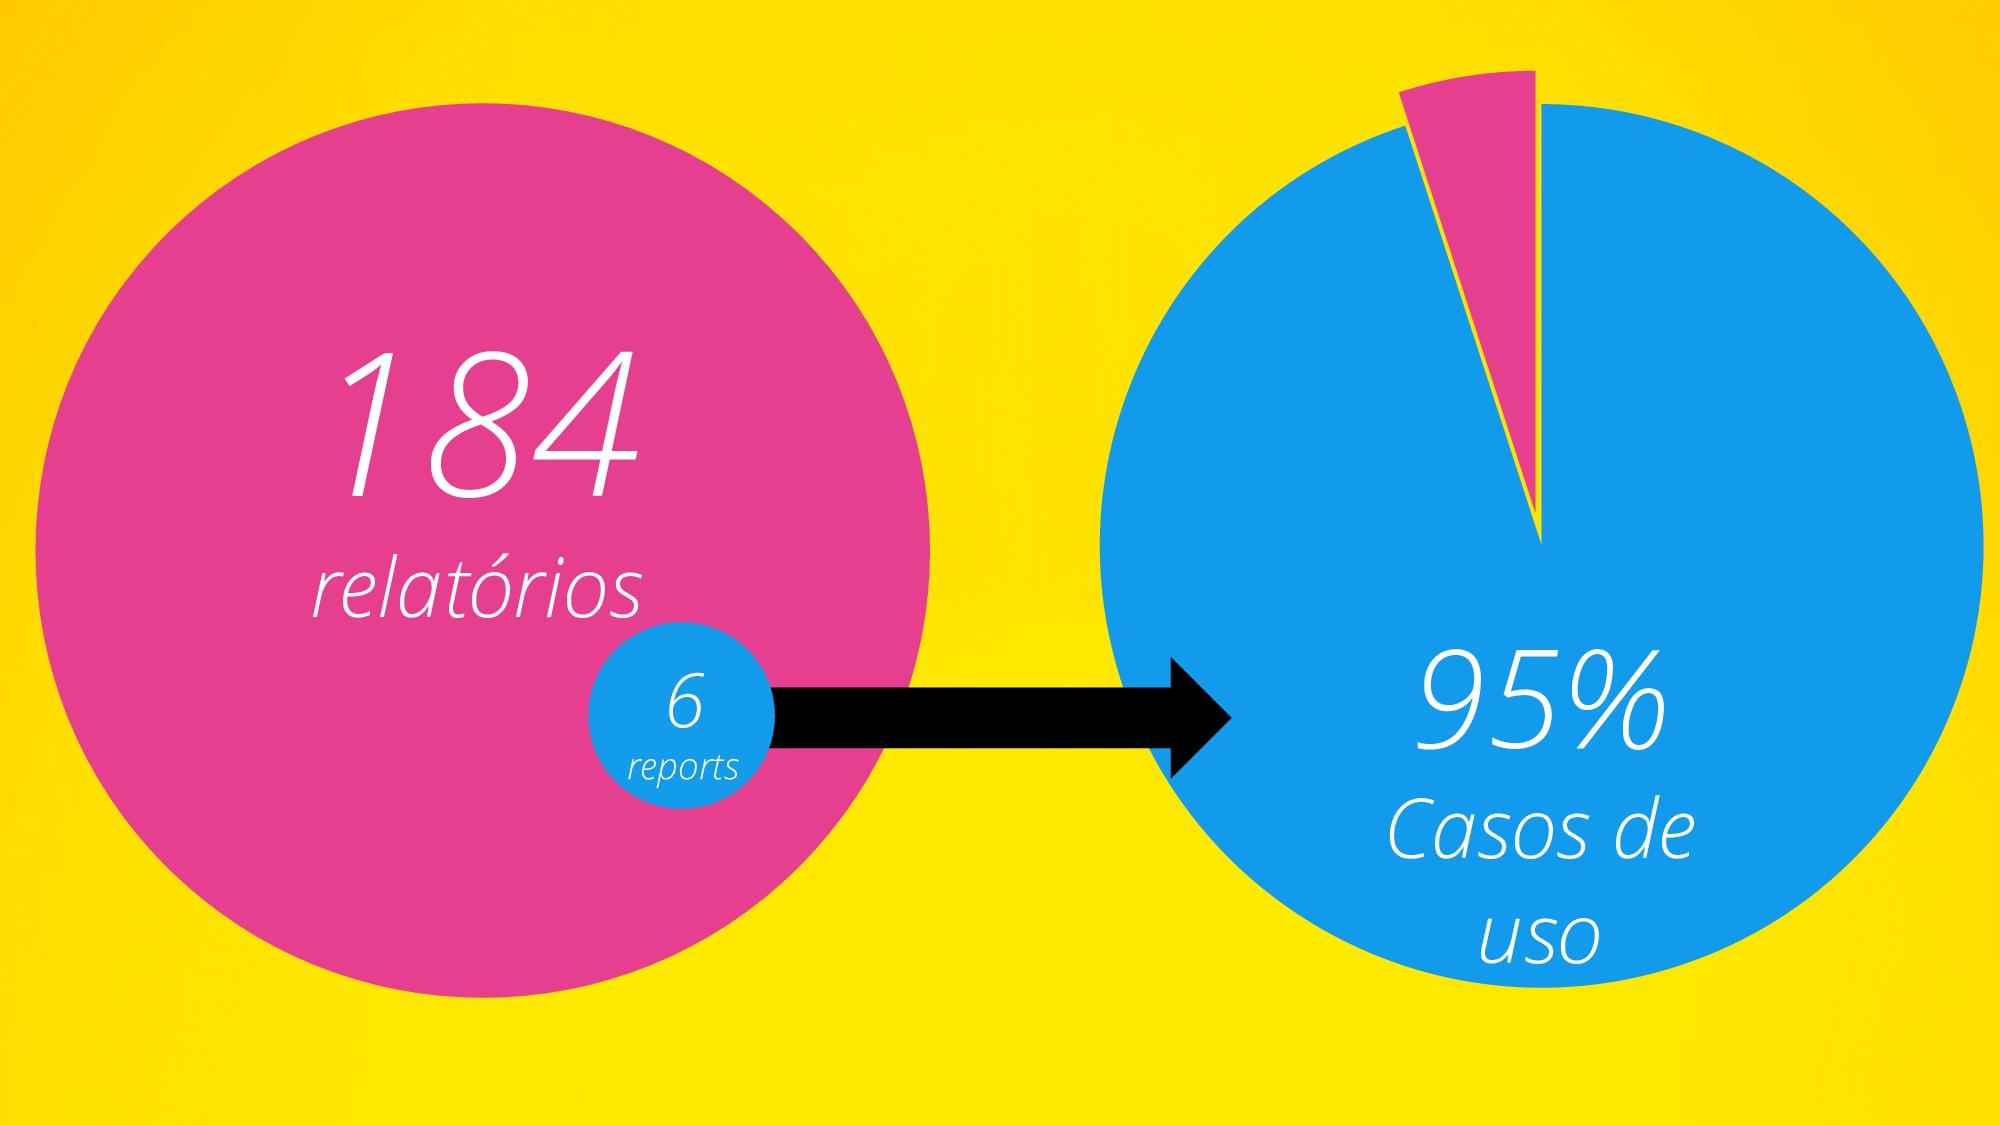 184 relatórios 95% Casos de uso 6 reports